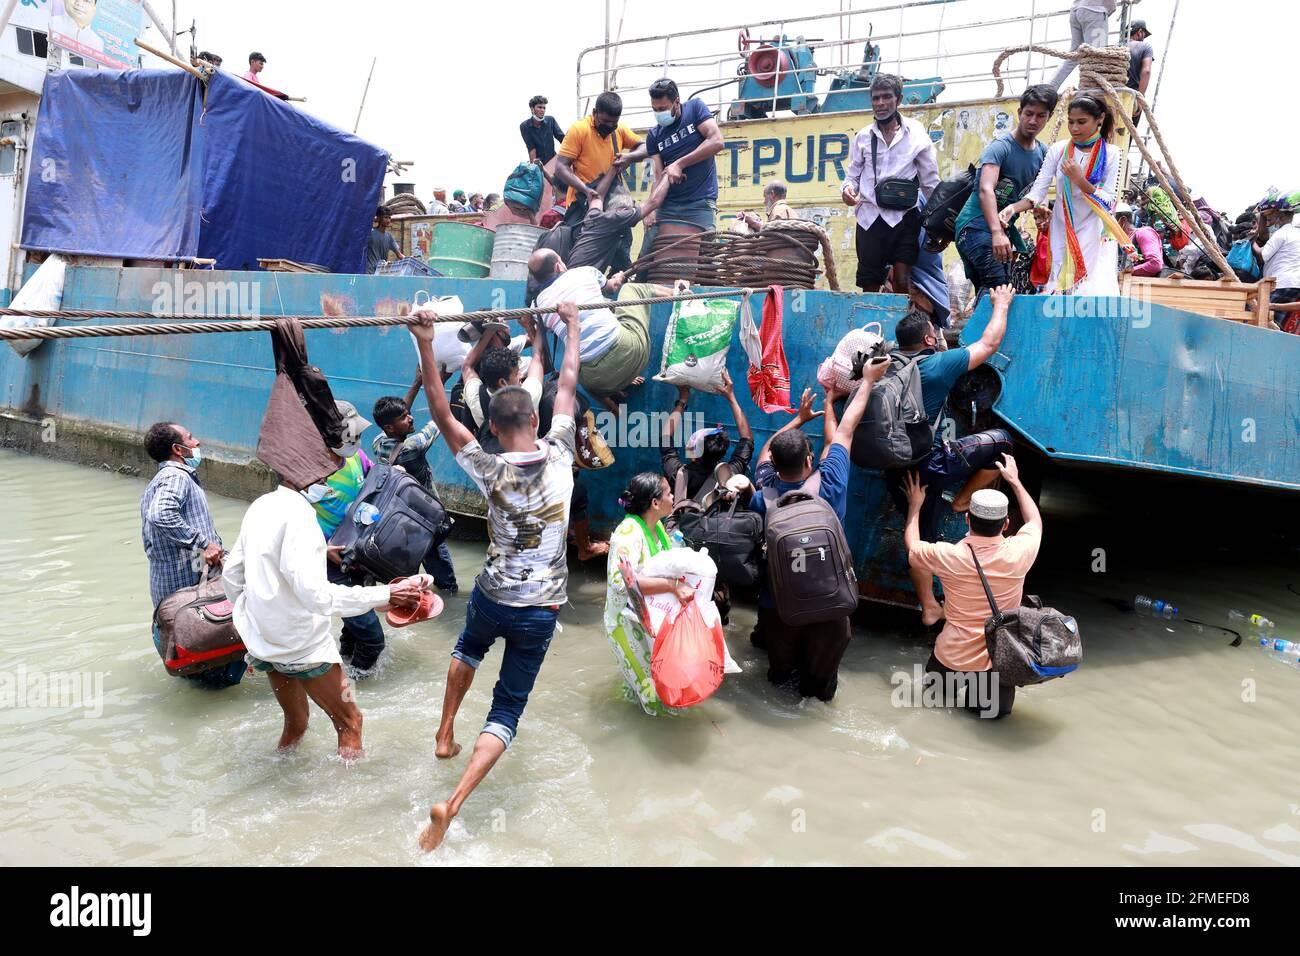 Dhaka, Dhaka, Bangladesch. Mai 2021. Die Menschen verlassen die Hauptstadt zu ihren Häusern, da die Behörden von Bangladesch die Sperre zwischen dem Covid-19-Coronavirus, das in Dhaka, Bangladesch, verbreitet wird, verhängt haben. Quelle: Harun-or-Rashid/ZUMA Wire/Alamy Live News Stockfoto